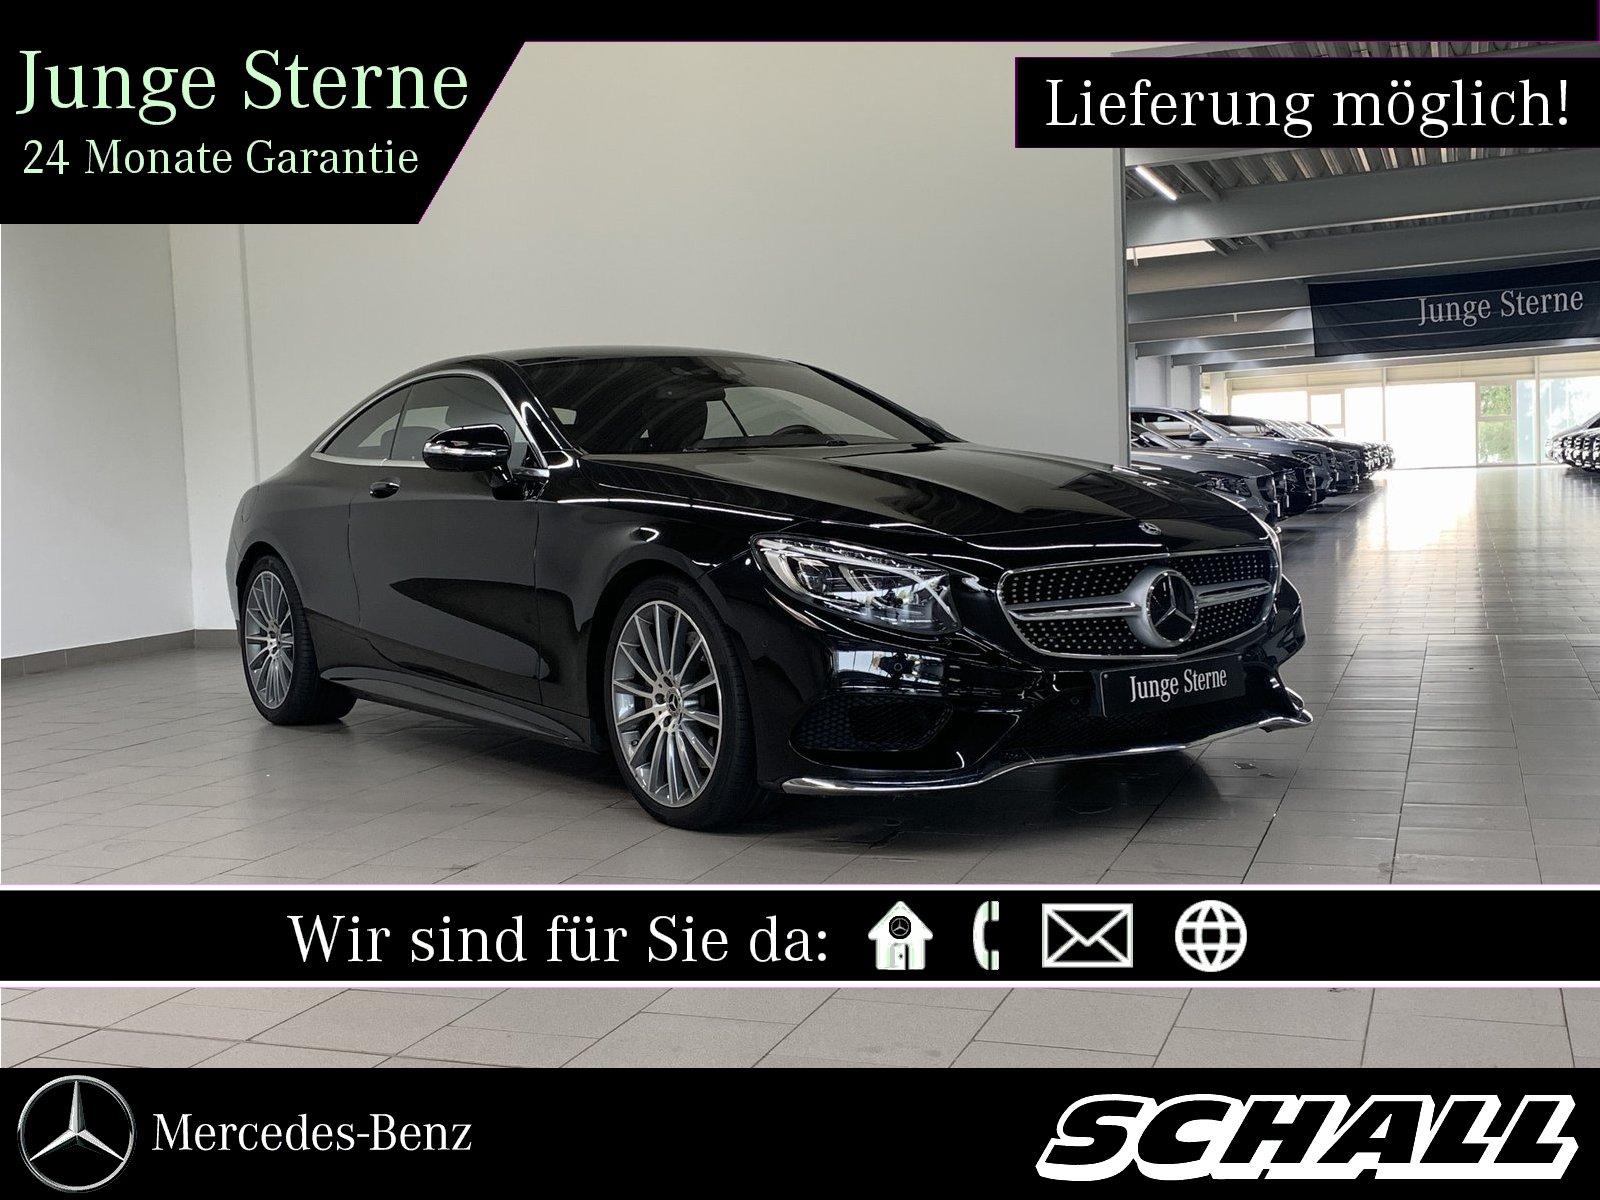 Mercedes-Benz S 400 4M Coupé 7G+AMG+LED+PANO+DISTRONIC+360°, Jahr 2017, Benzin